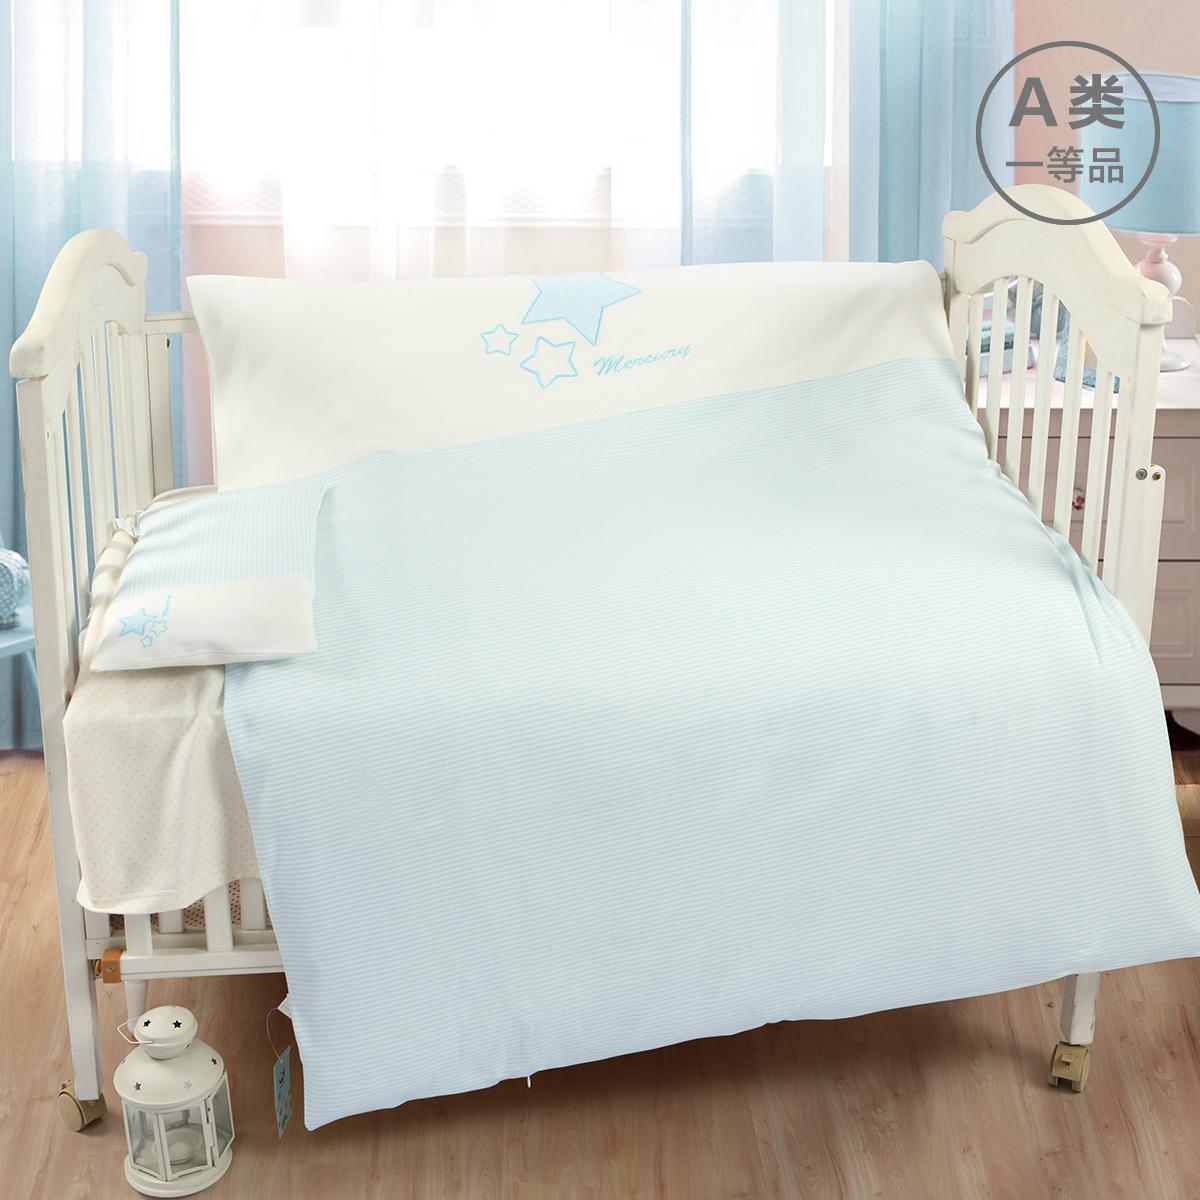 婴儿床上用品宝宝床枕套被罩被套套装纯棉全棉拼接床新生儿童套件